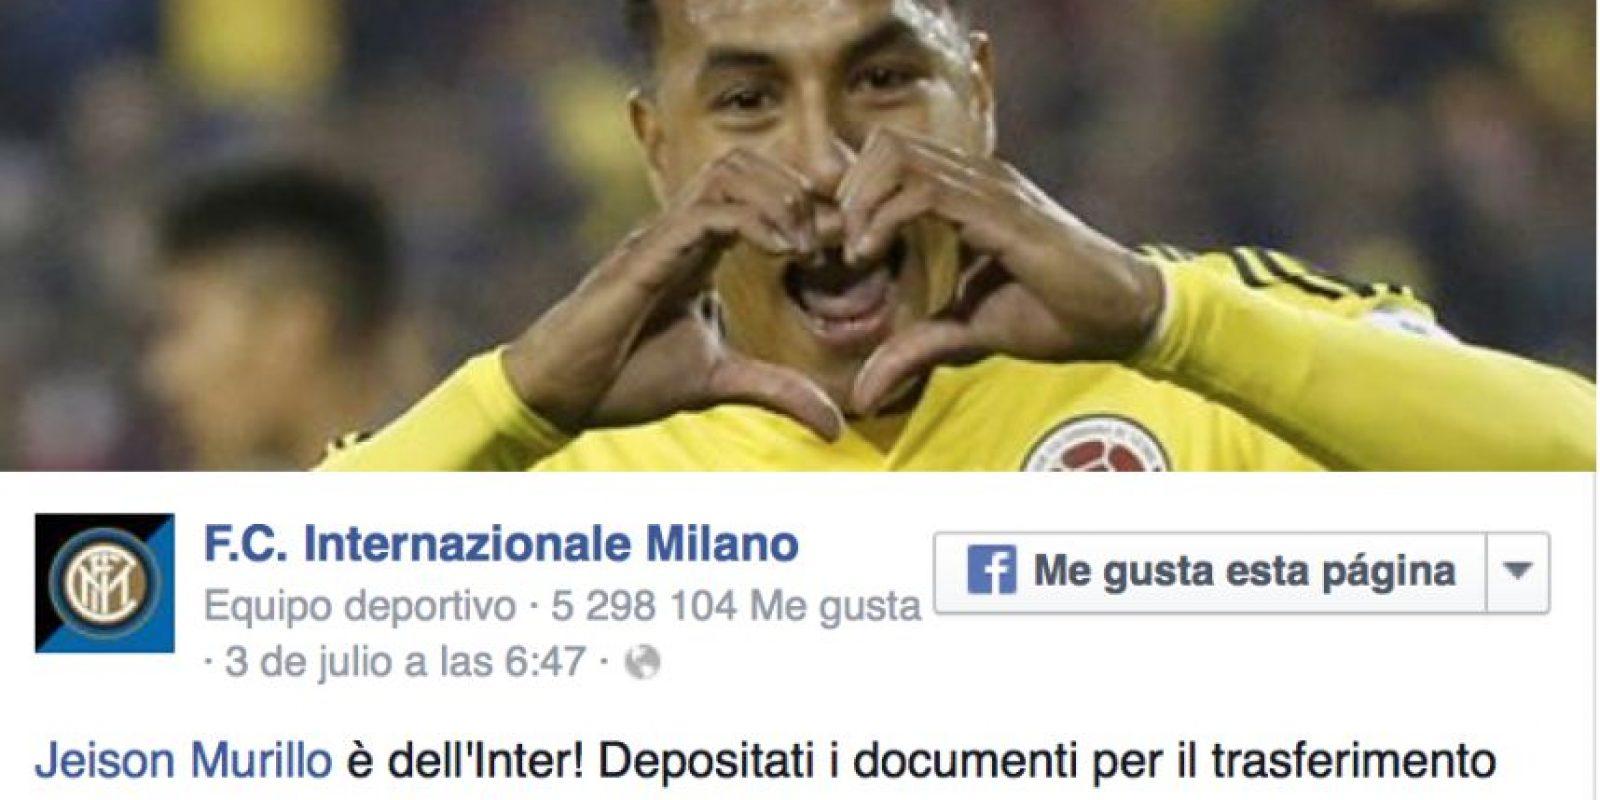 El colombiano fue contratado por el Inter de Milán Foto:Twitter